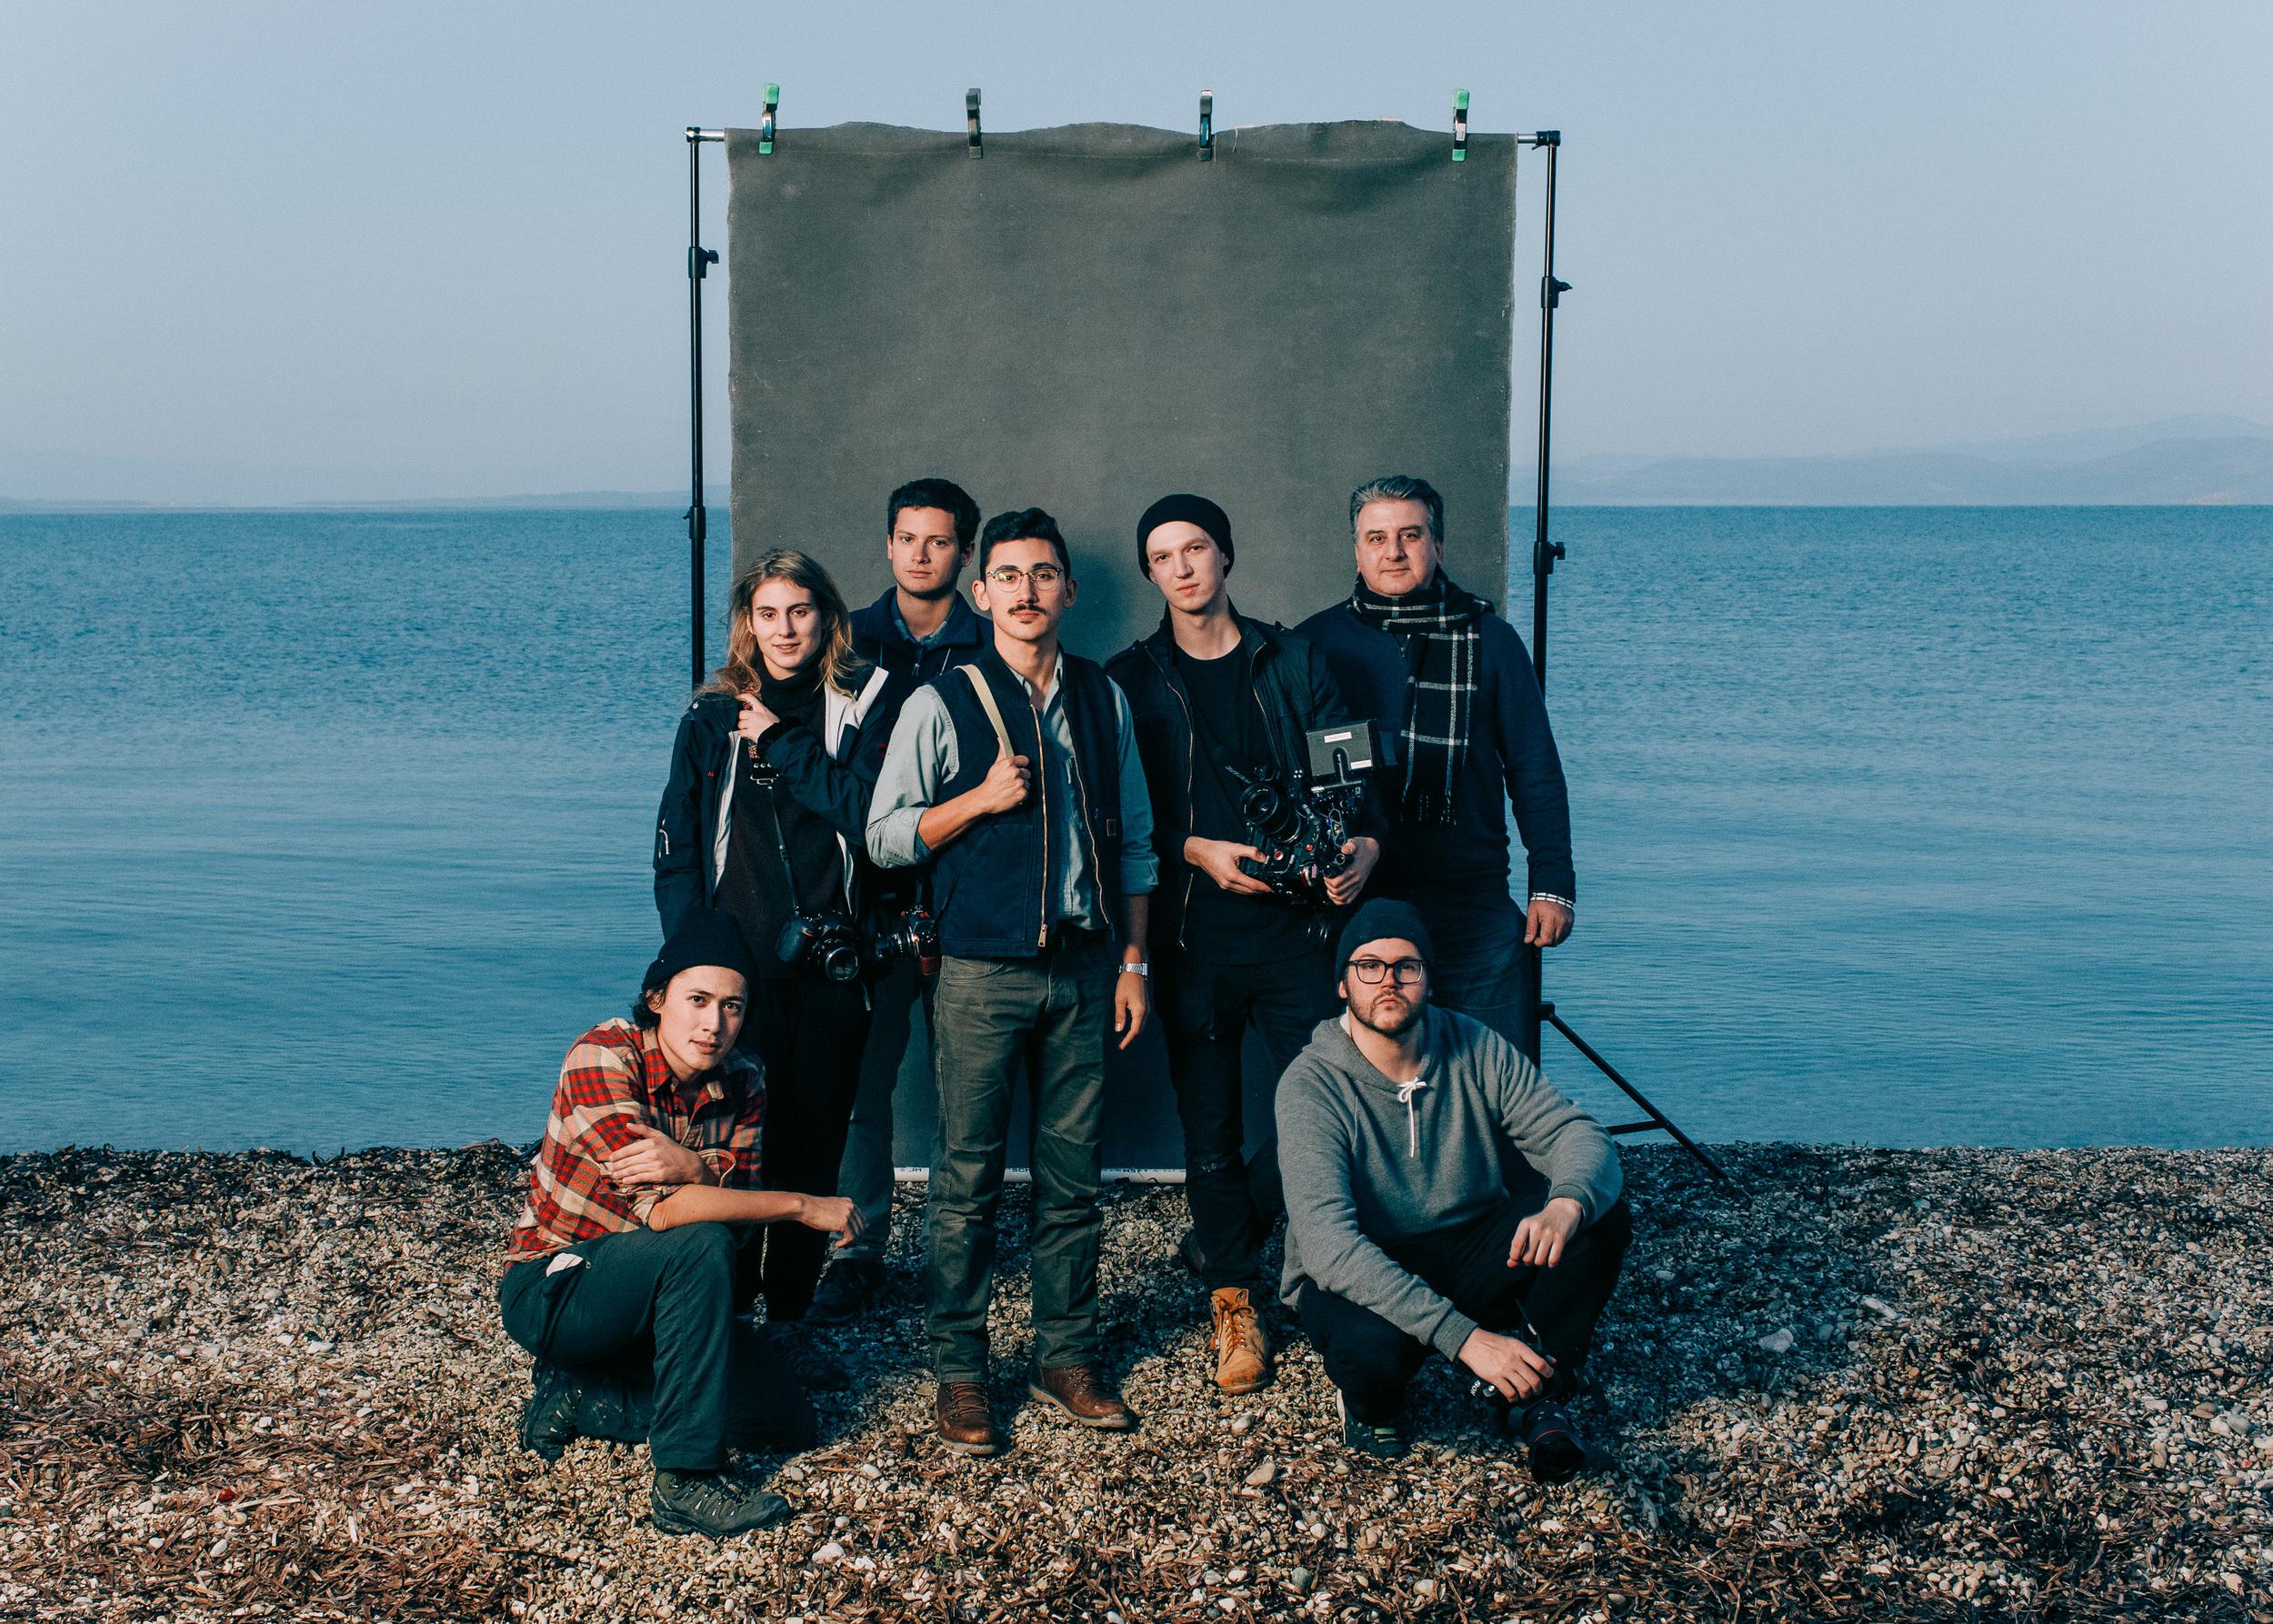 The Refuge Team. From Left: Elliot Ross, Rosanna Bach, Matteo Zevi, Matthew K. Firpo, Jake Saner, Haris Katsigiannis, Stephen Michael Simon. Not Pictured: Maximilian Guen